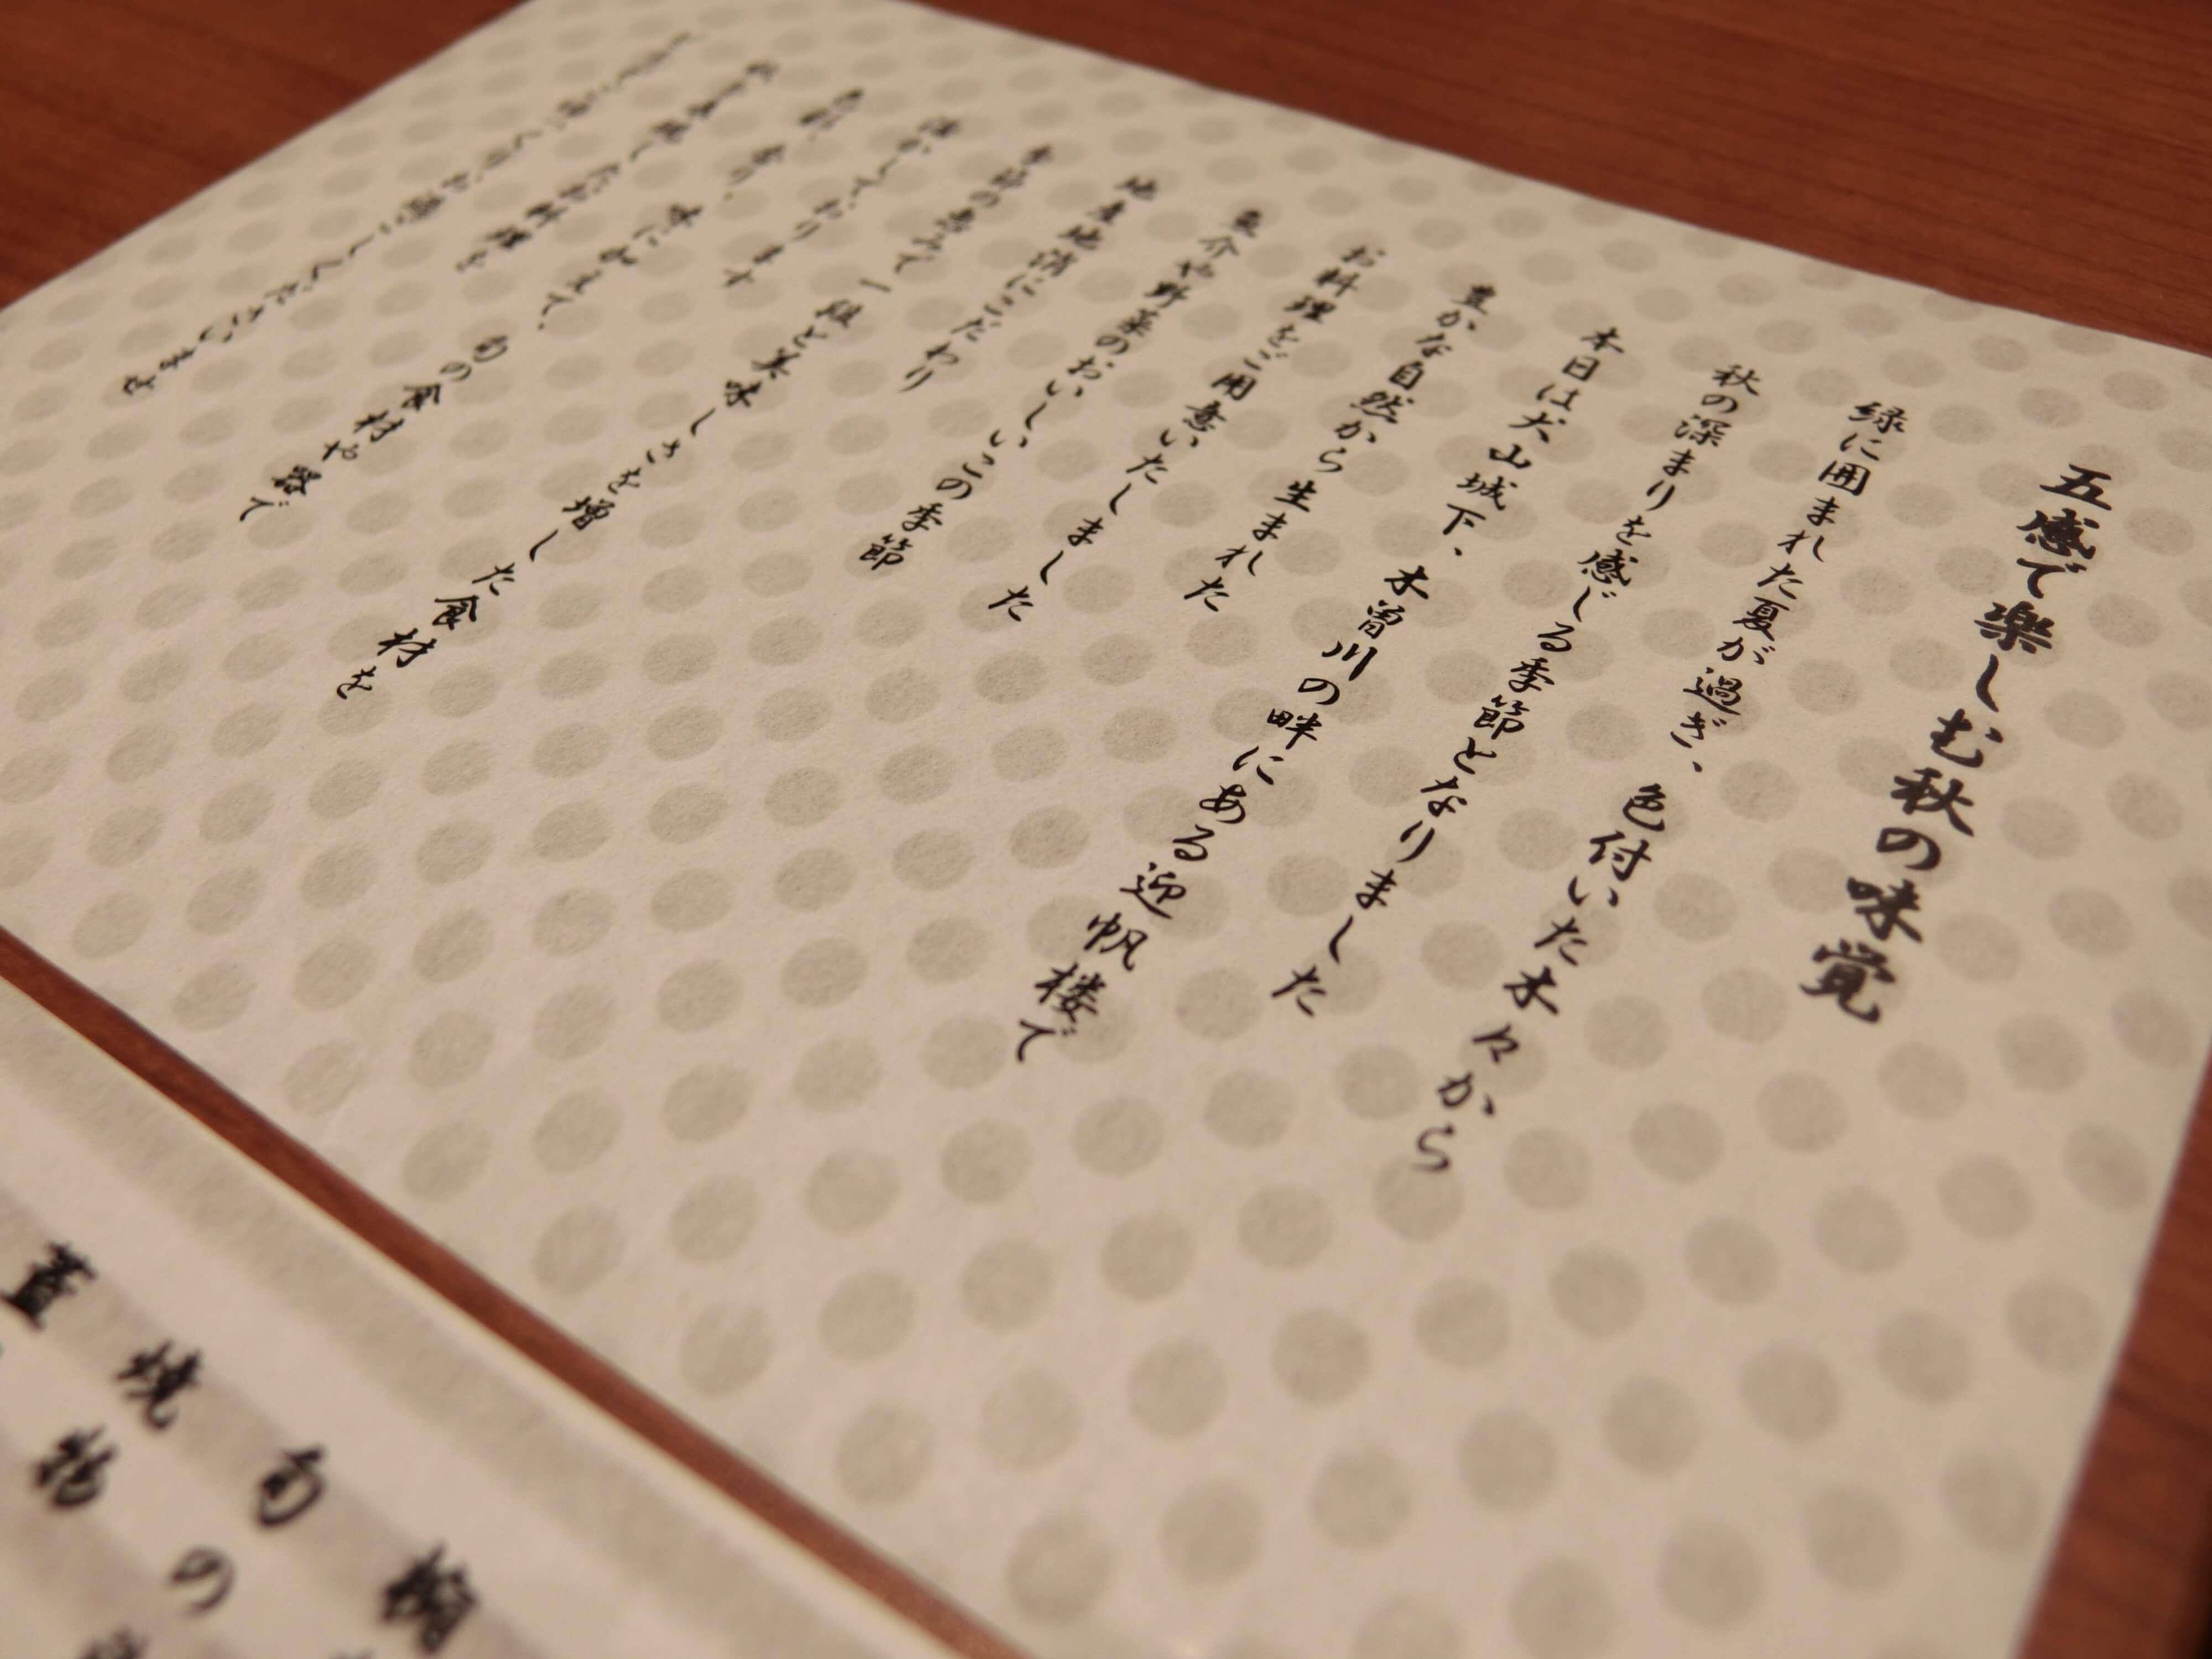 【犬山市高級旅館】灯屋 迎帆楼(あかりや げいはんろう)|食事1